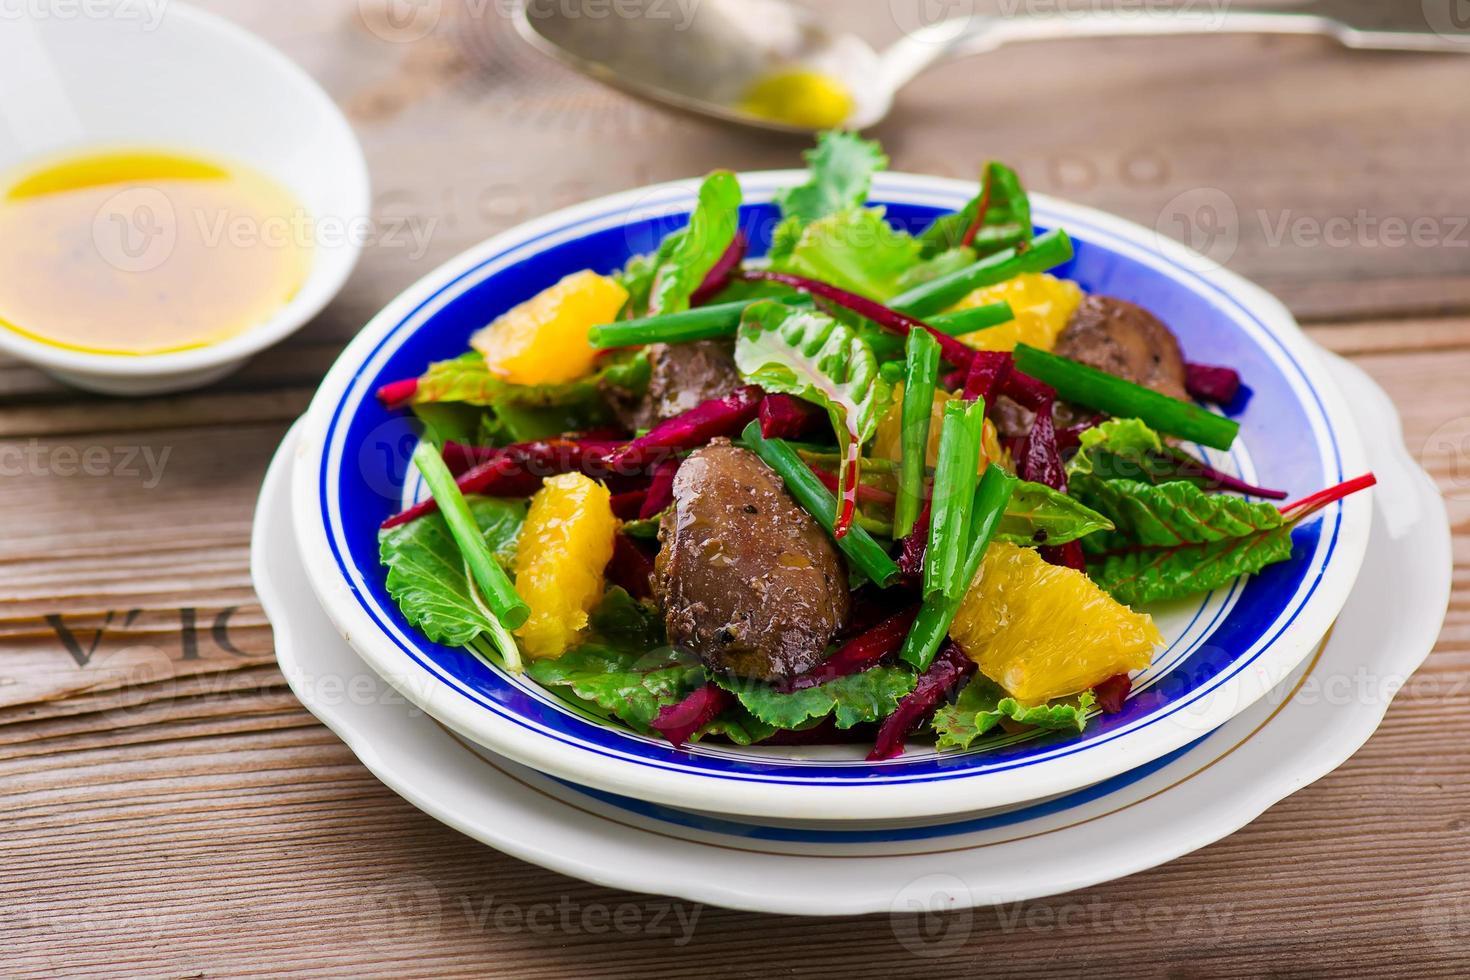 salade met bieten en kippenlever foto